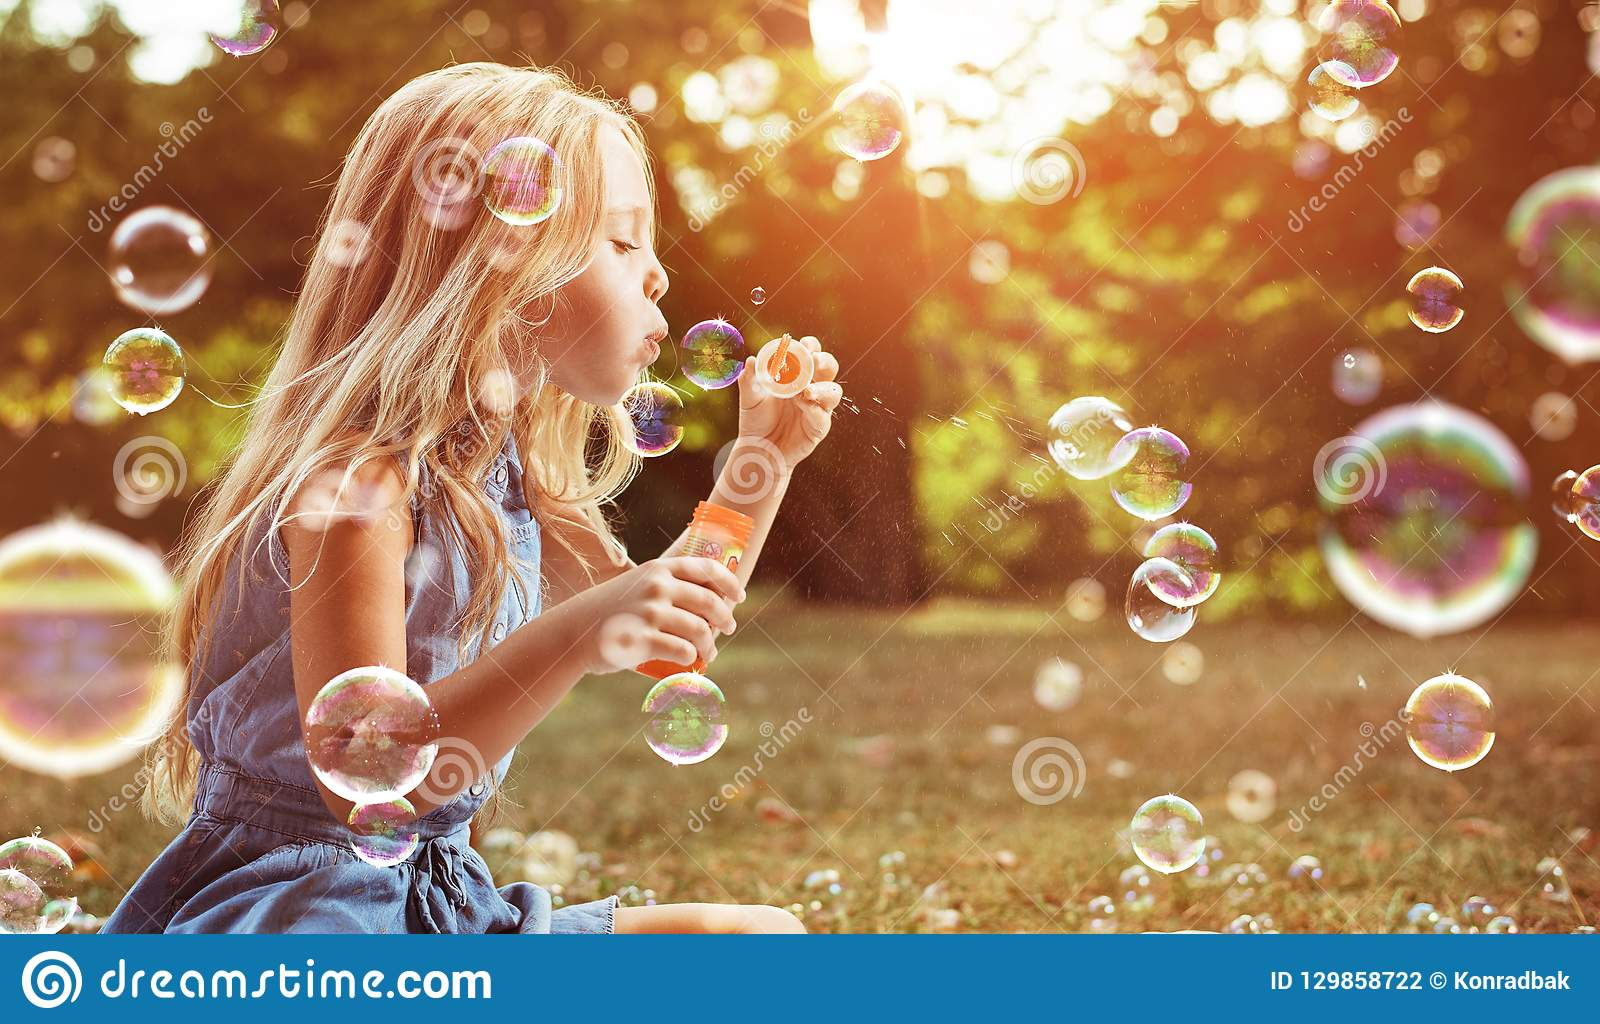 Портрет пузырей мыла жизнерадостной девушки дуя